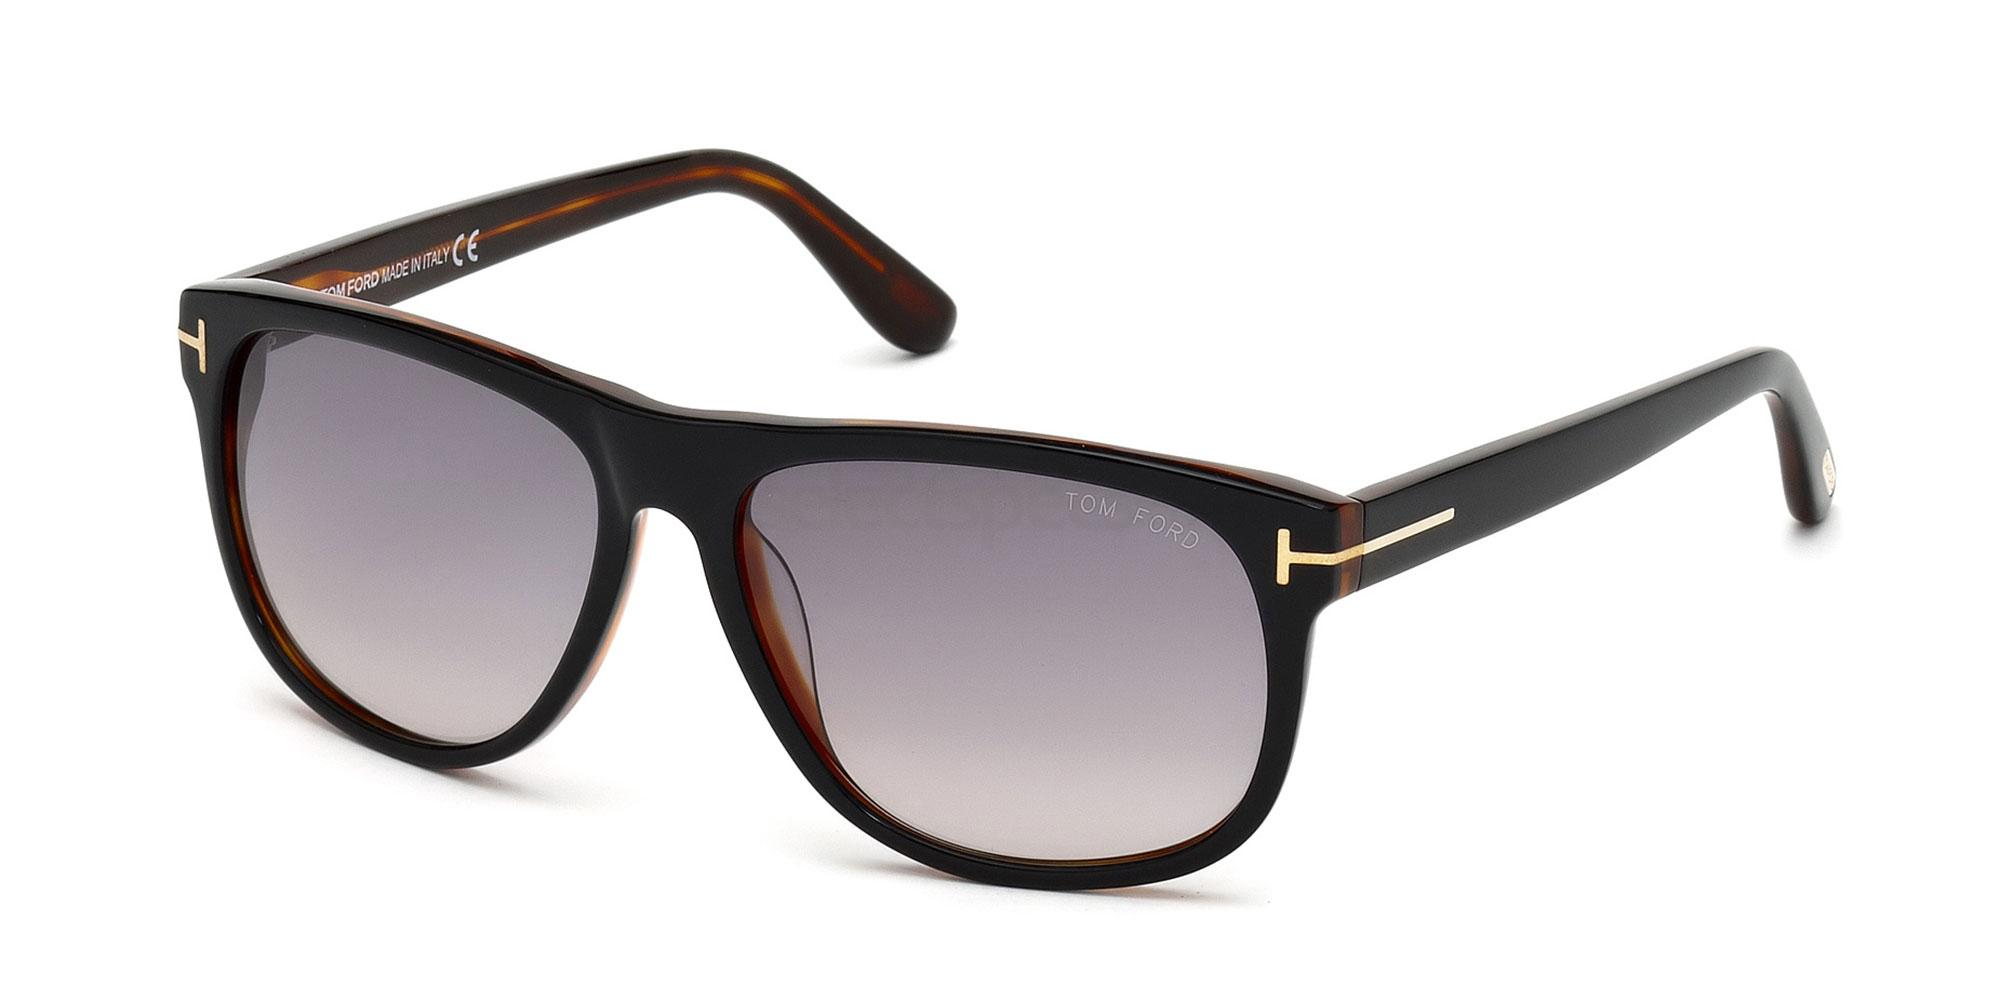 05B FT0236 Olivier Sunglasses, Tom Ford